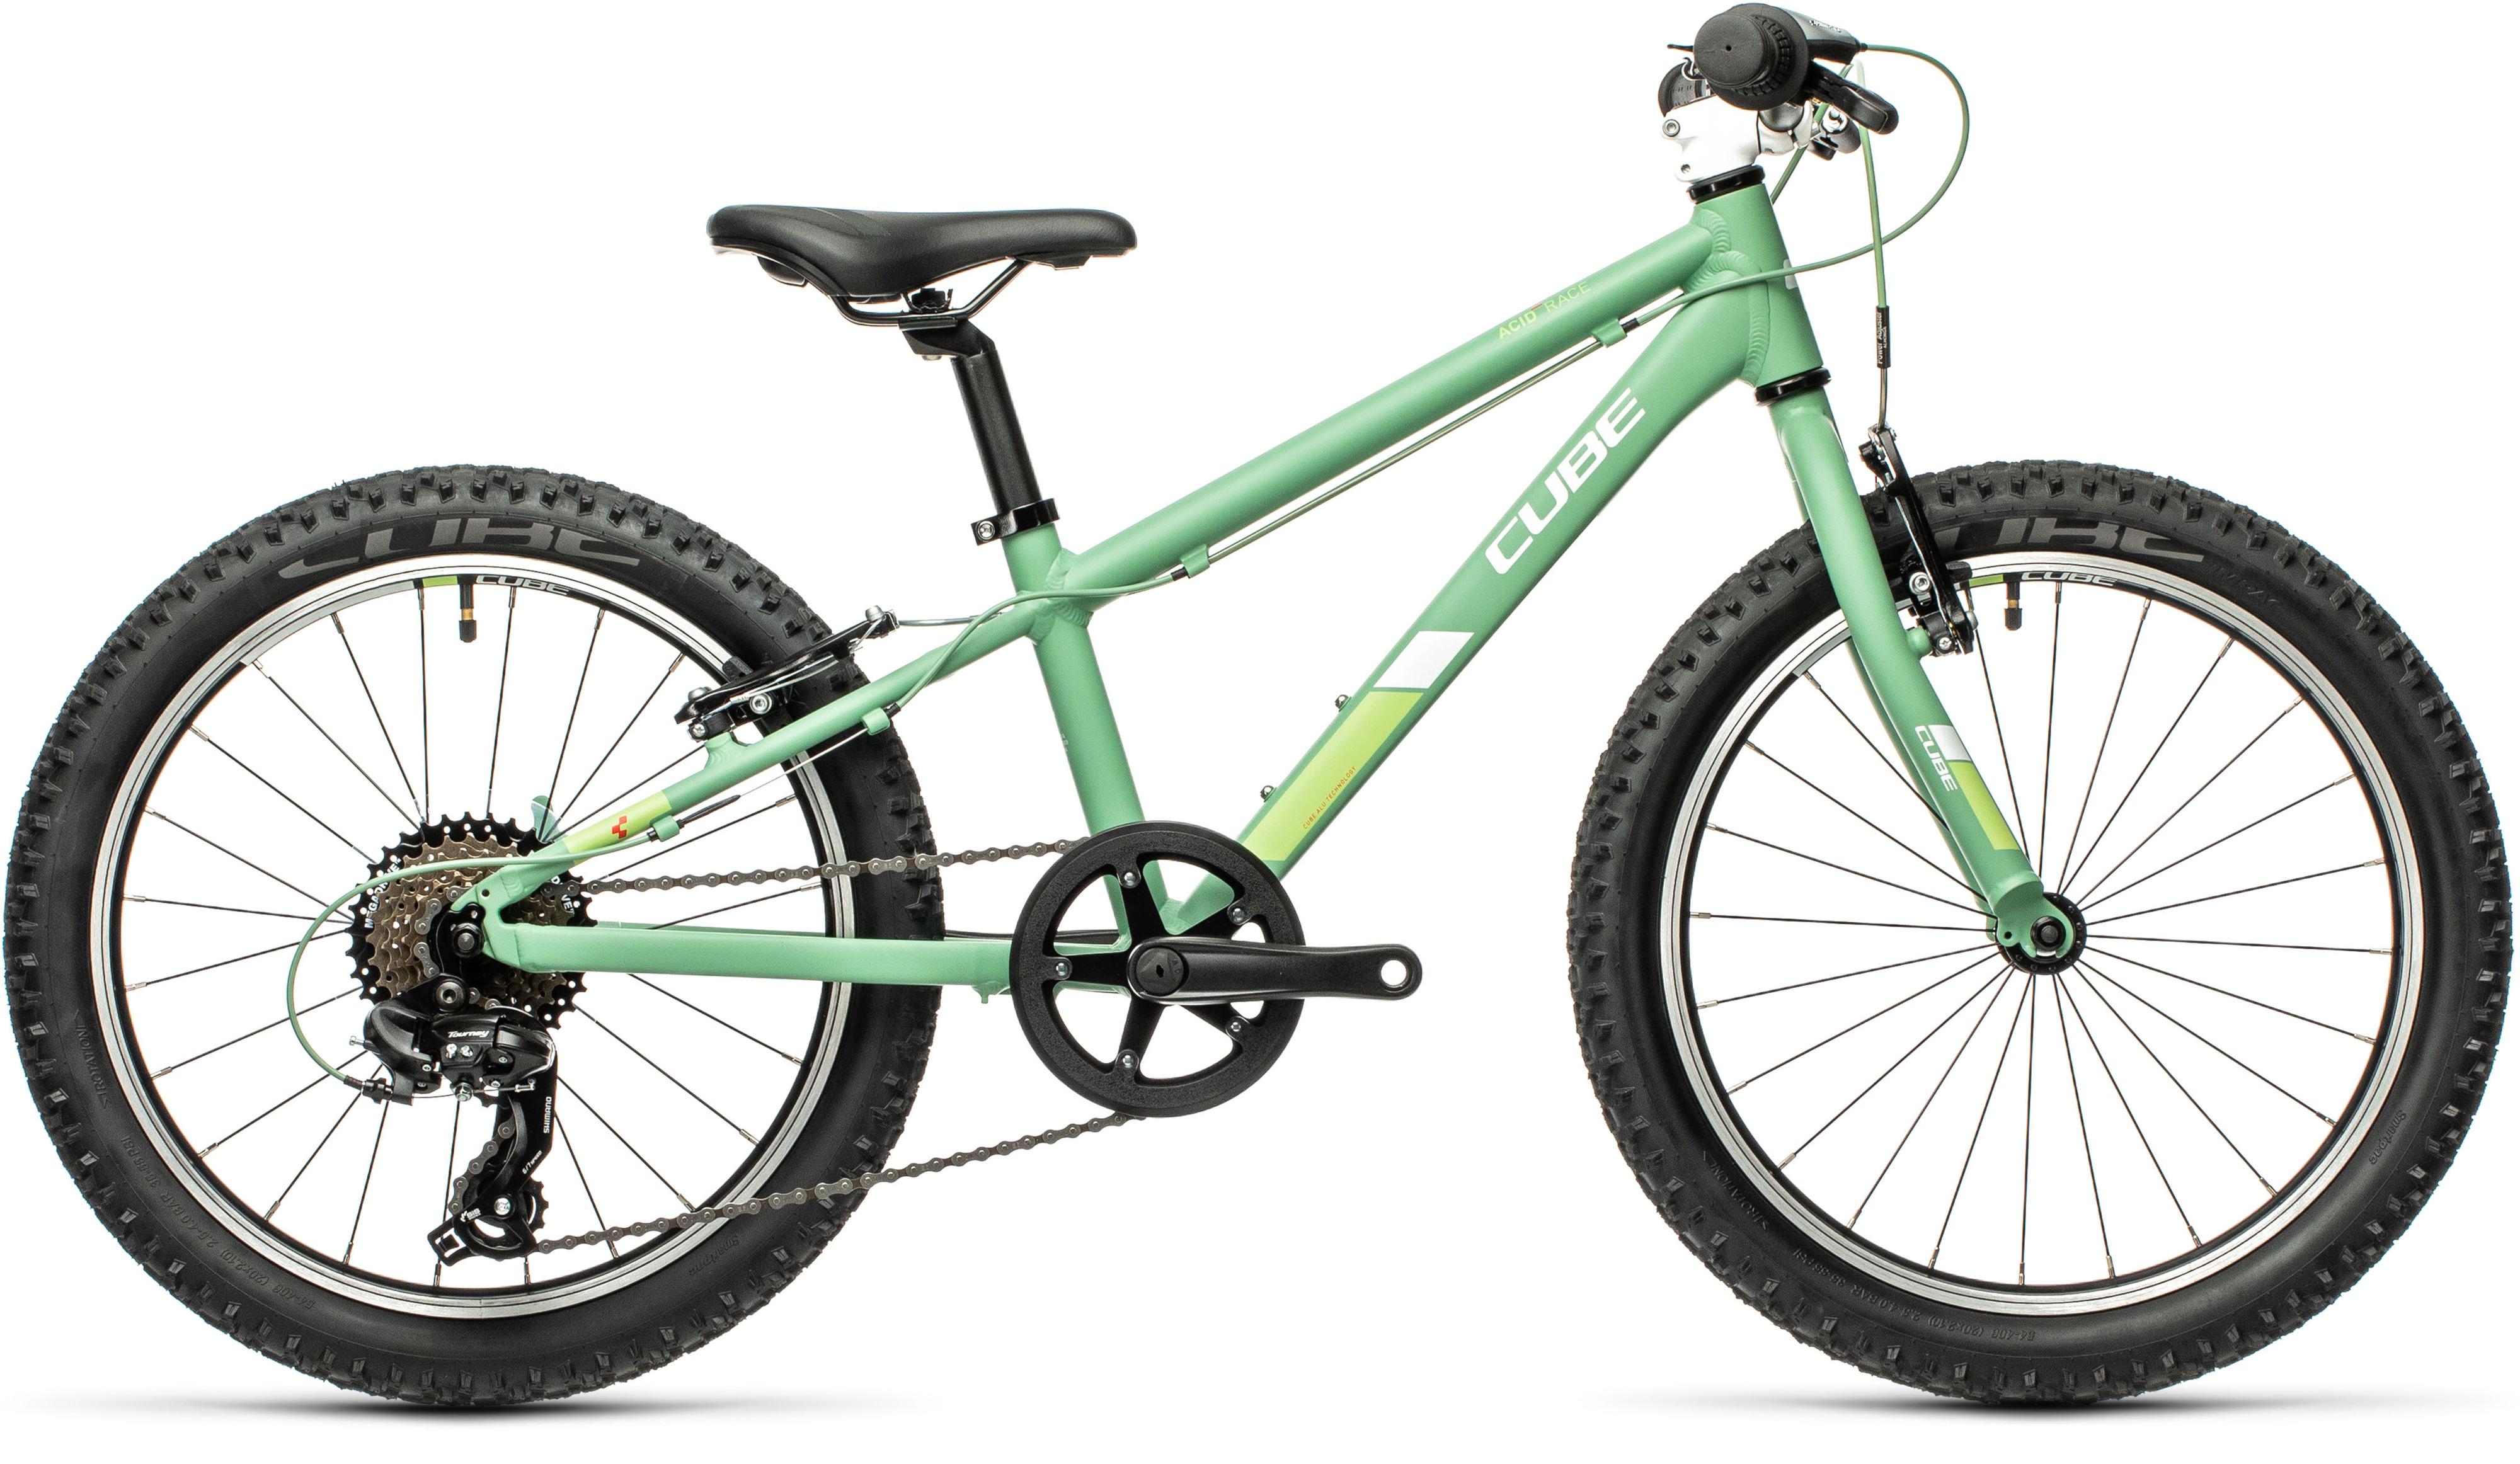 Cube Acid 200 20in Kids bike 2021 Green/White